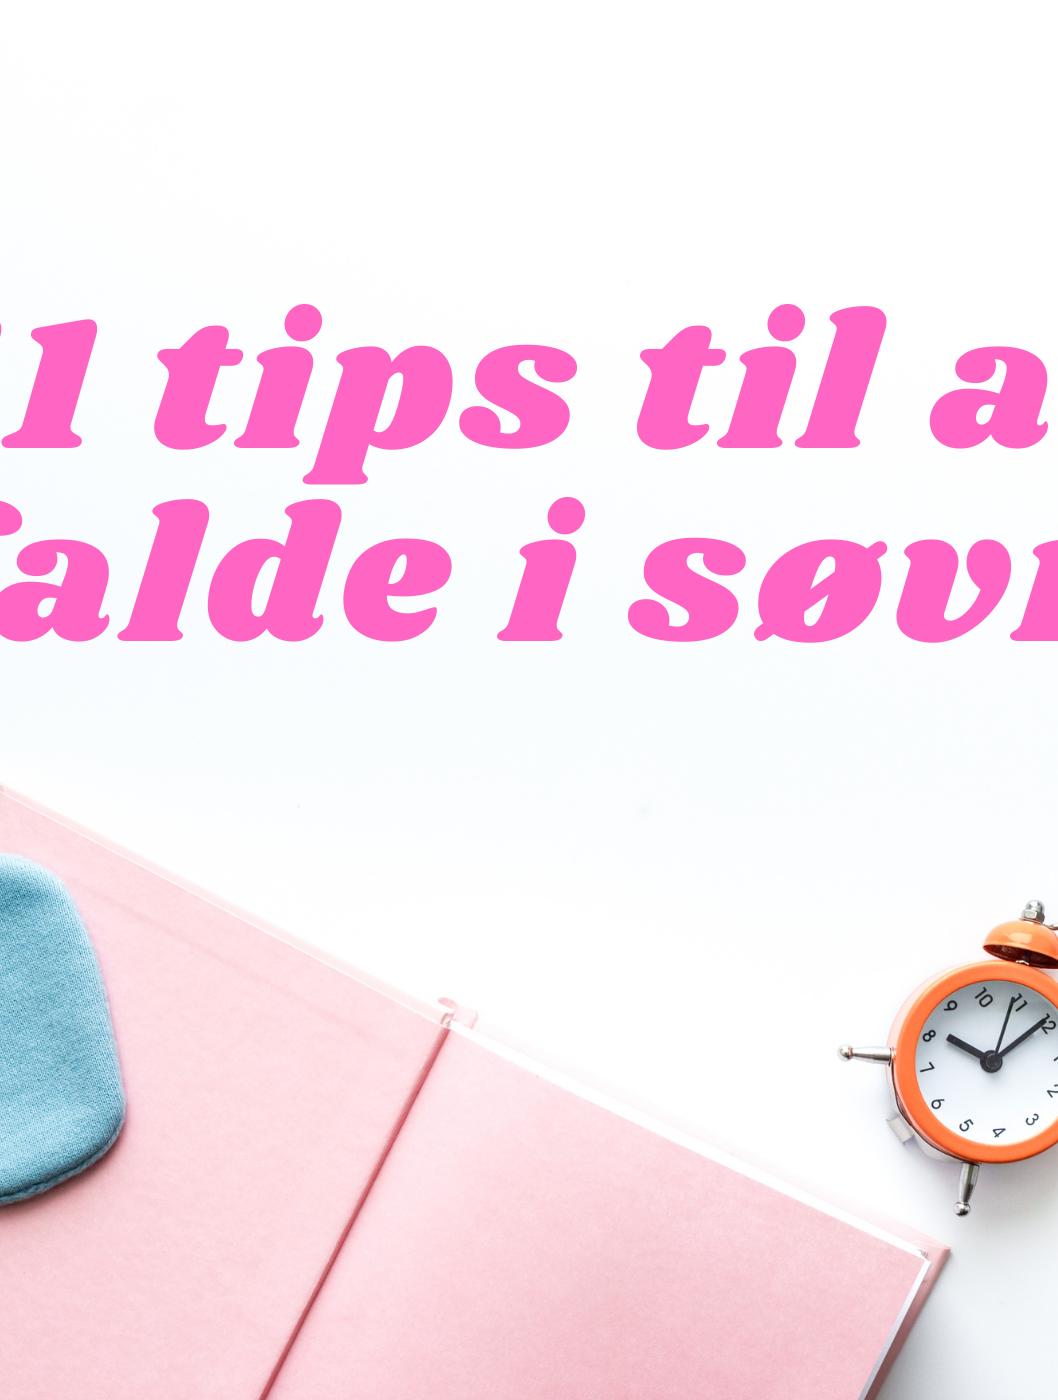 Der er ikke noget mere frustrerende end ikke at kunne falde i søvn. Nogle gange kan det være fordi man har tankemylder, og andre gange fordi man bare ikke er træt. Men der findes heldigvis nogle måder, man kan gøre det lidt lettere for sig selv. Vi Unge har samlet 12 tips til at falde i søvn.